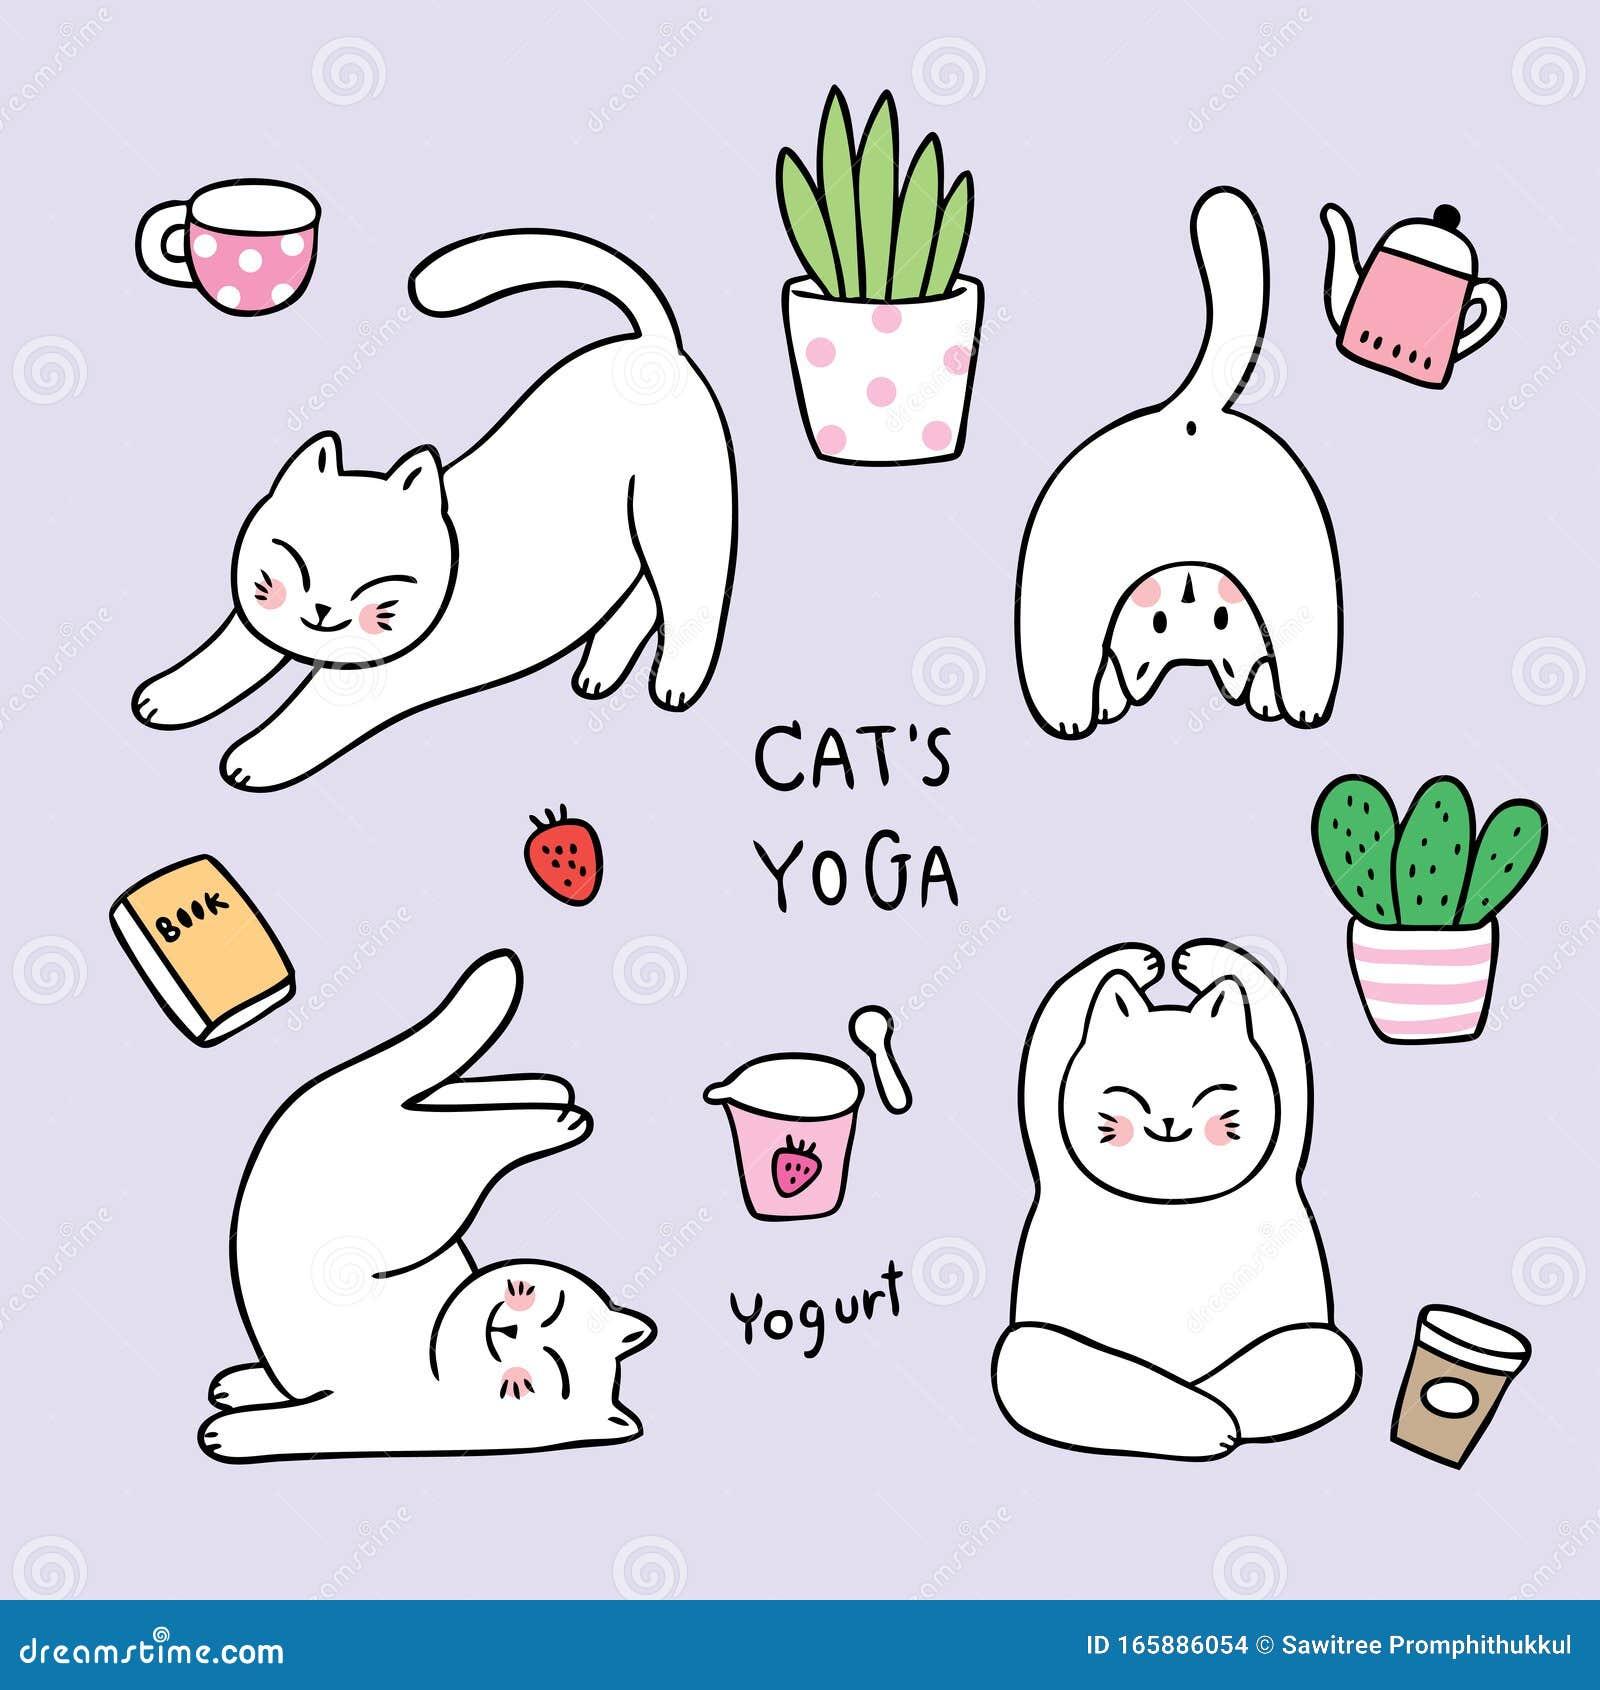 Dessin De Caricature Chatte A Doodles Yoga Relaxation Illustration De Vecteur Illustration Du Yoga Relaxation 165886054